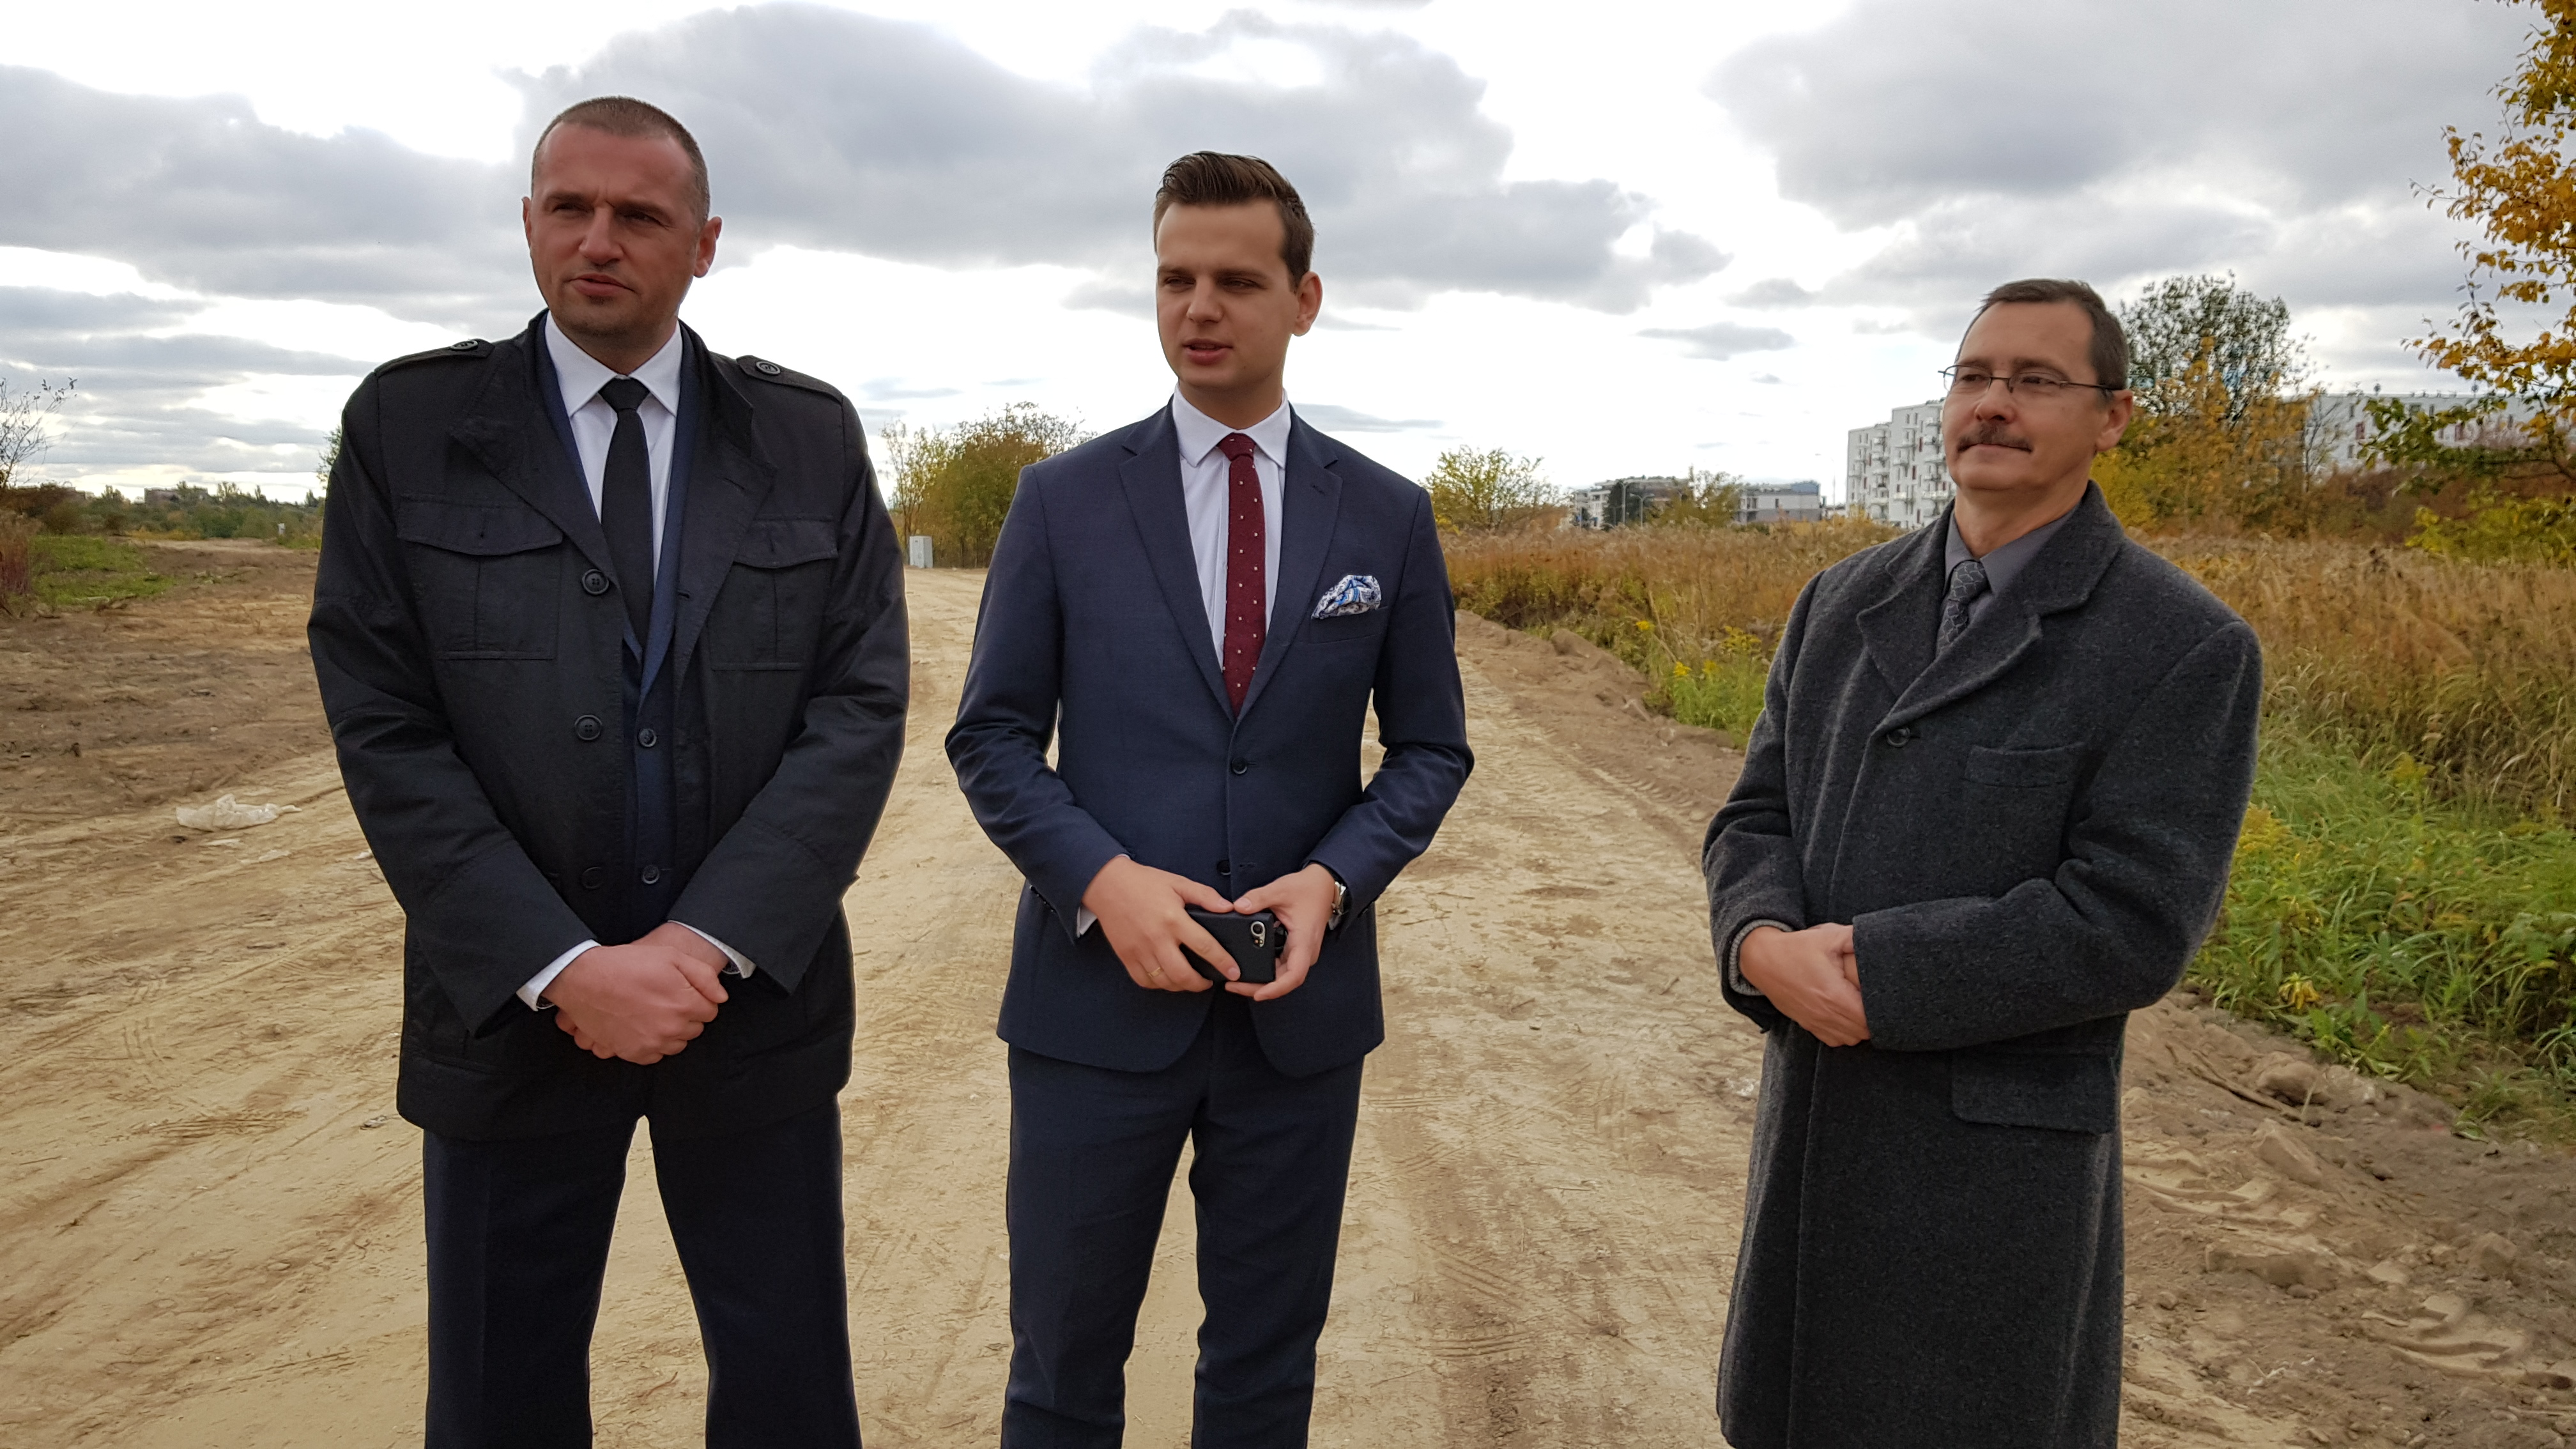 Sprawa Górek Czechowskich powinna być skonsultowana z mieszkańcami – uważają działacze komitetu wyborczego Kukiz, Wolność, Lubelscy Patrioci i Ruchy Miejskie